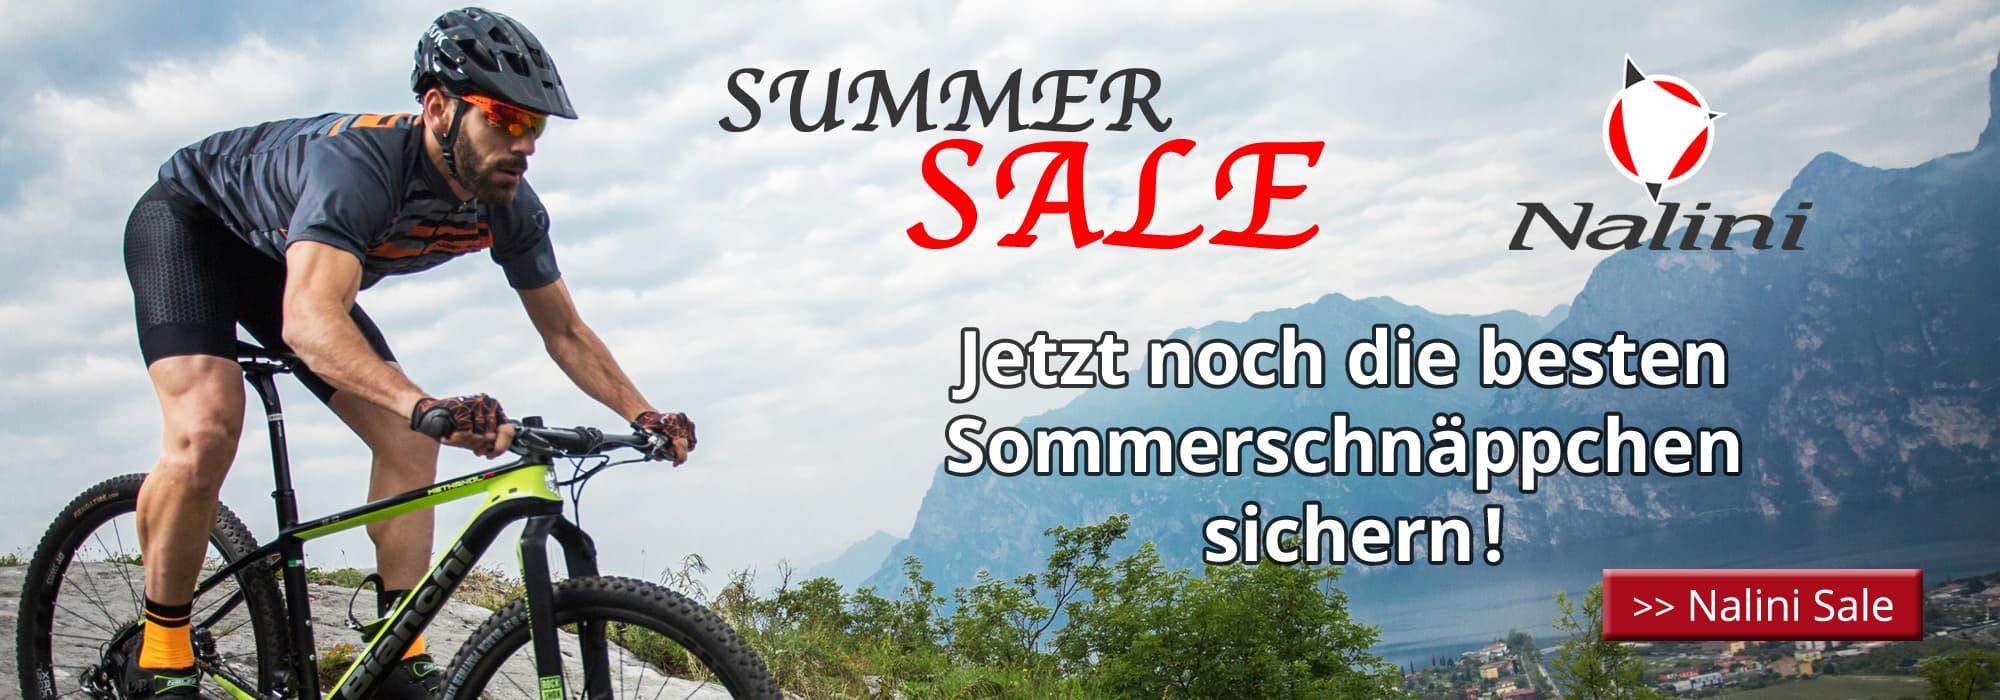 Nalini Summer Sale - Jetzt noch die besten Sommerschnäppchen sichern